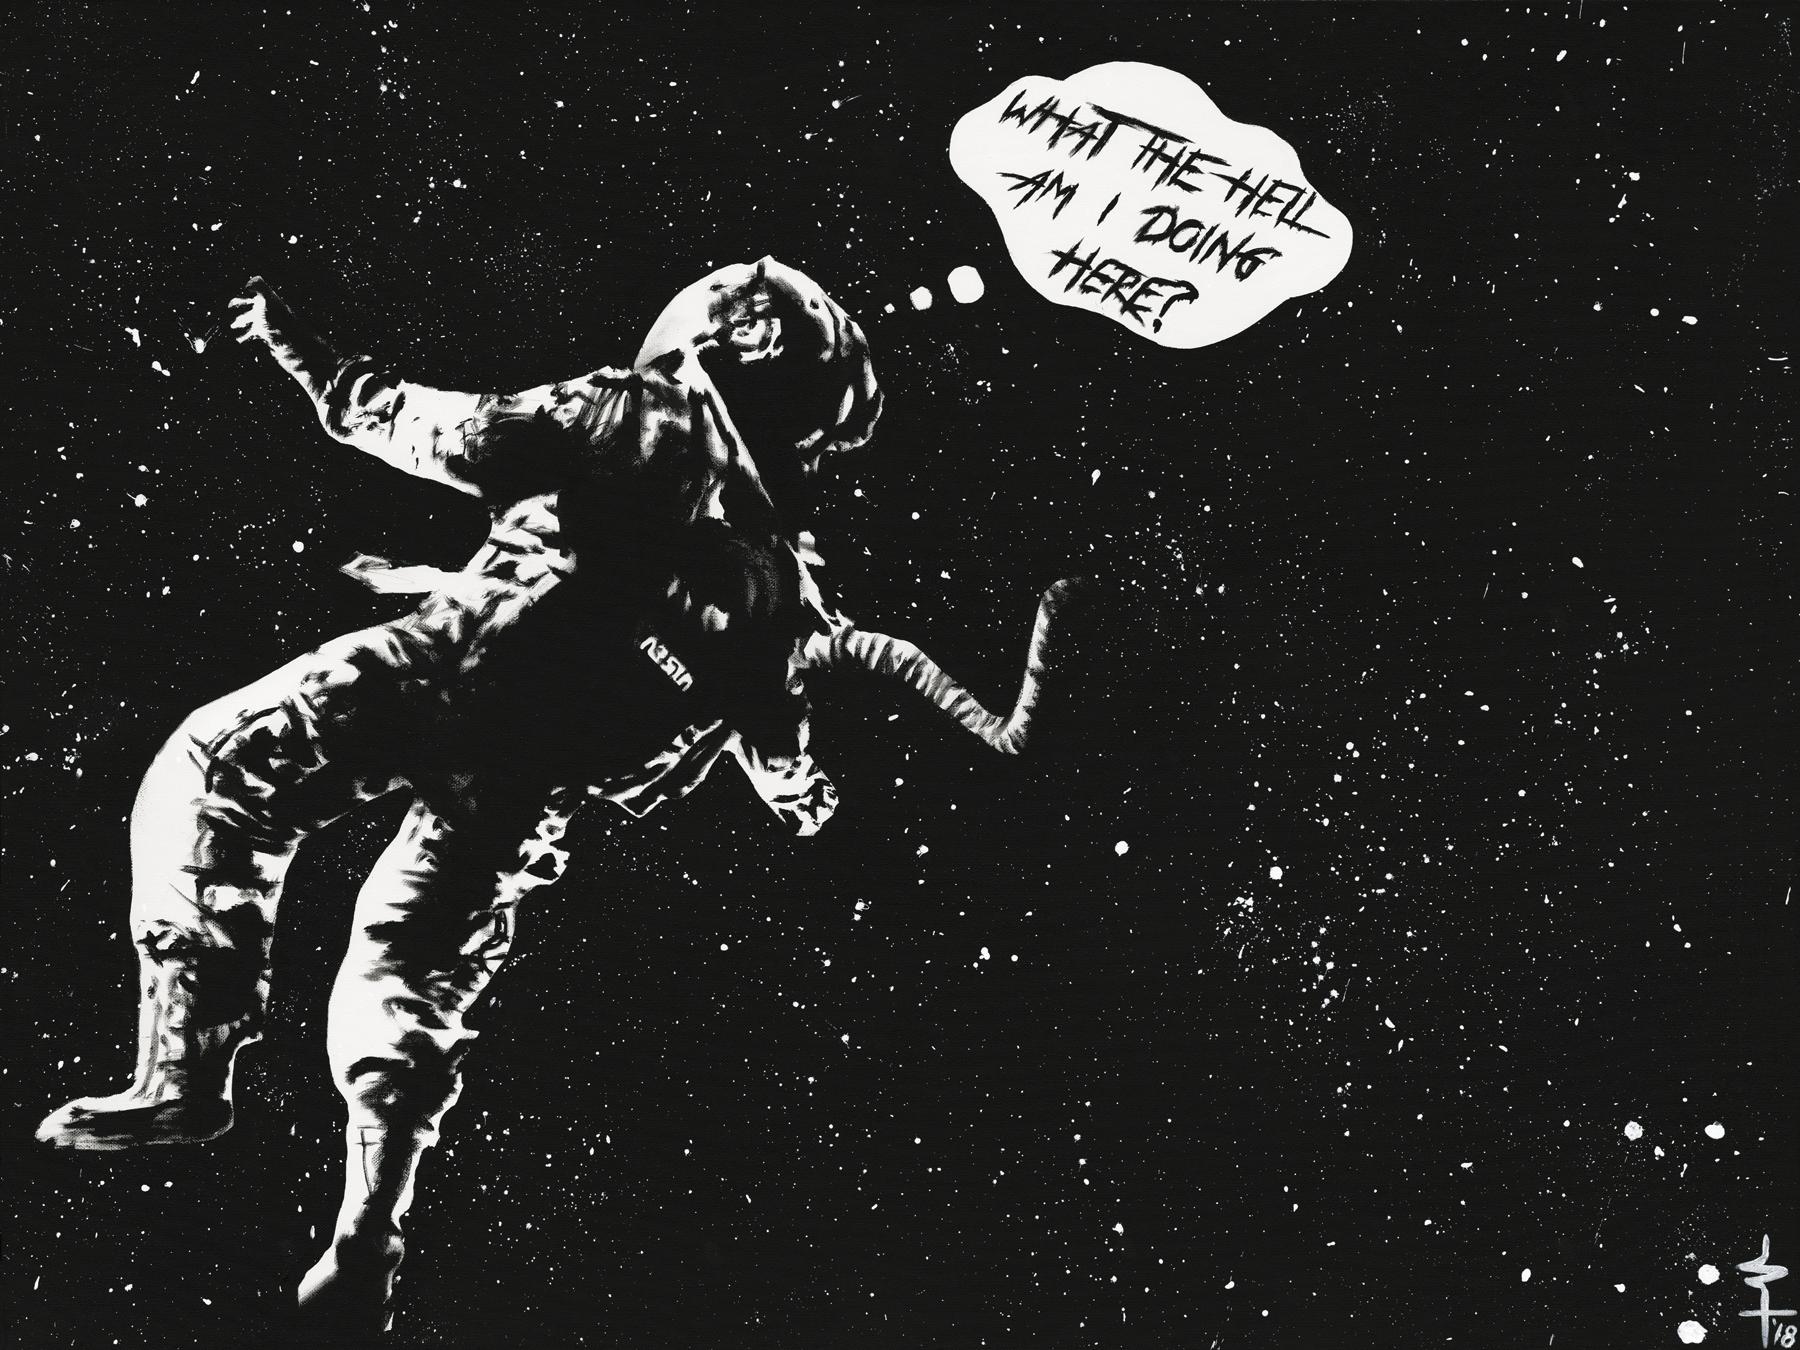 Lost in Space_sm.jpg